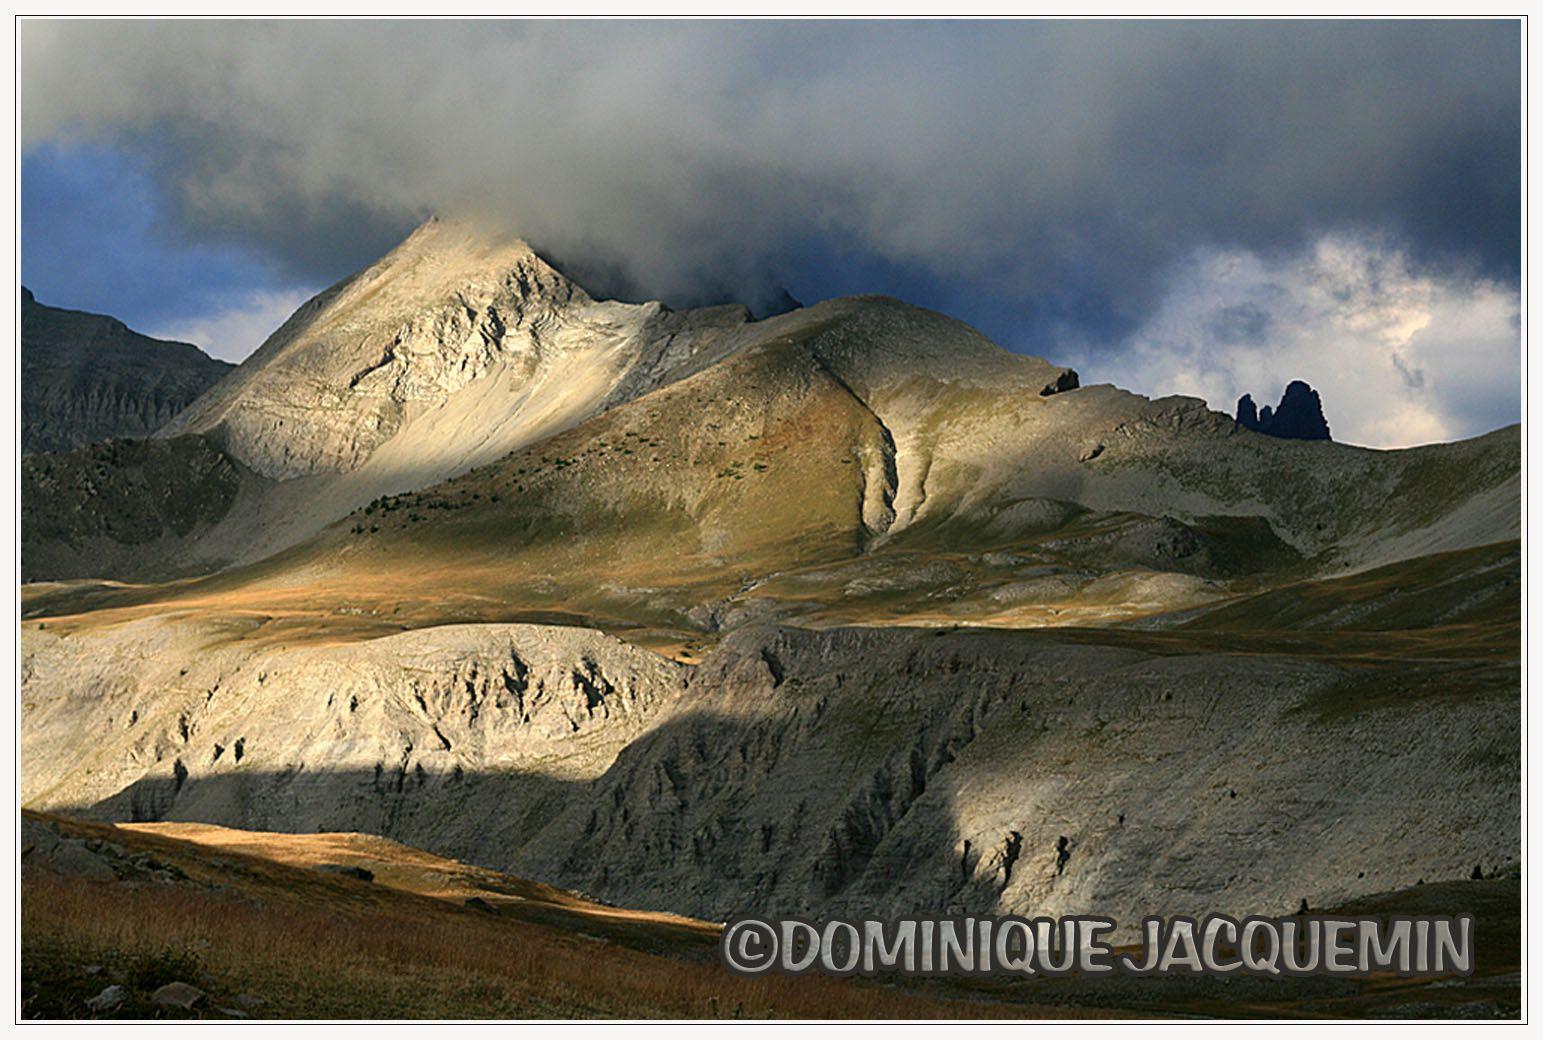 Copyright  : Photographies d'illustration ©dominique Jacquemin